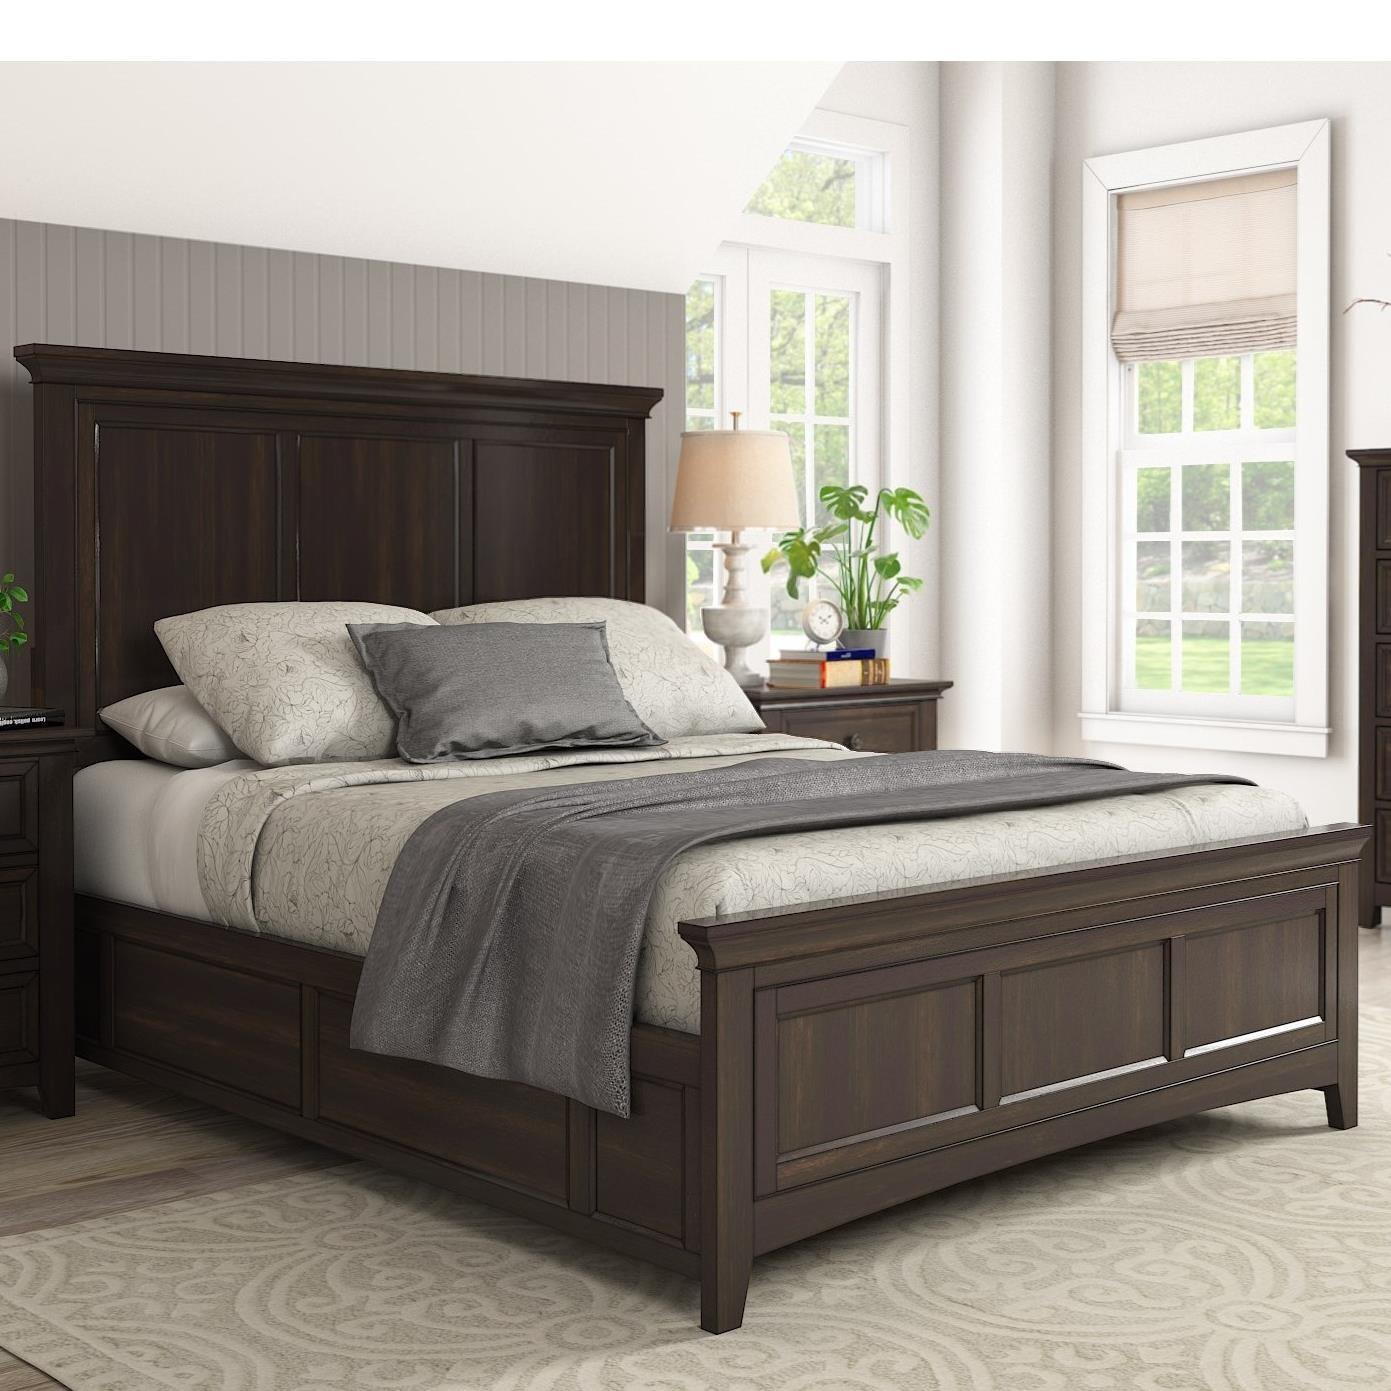 Homelegance 395 Queen Panel Bed - Item Number: 395BQ-1BK+2BK+3BK